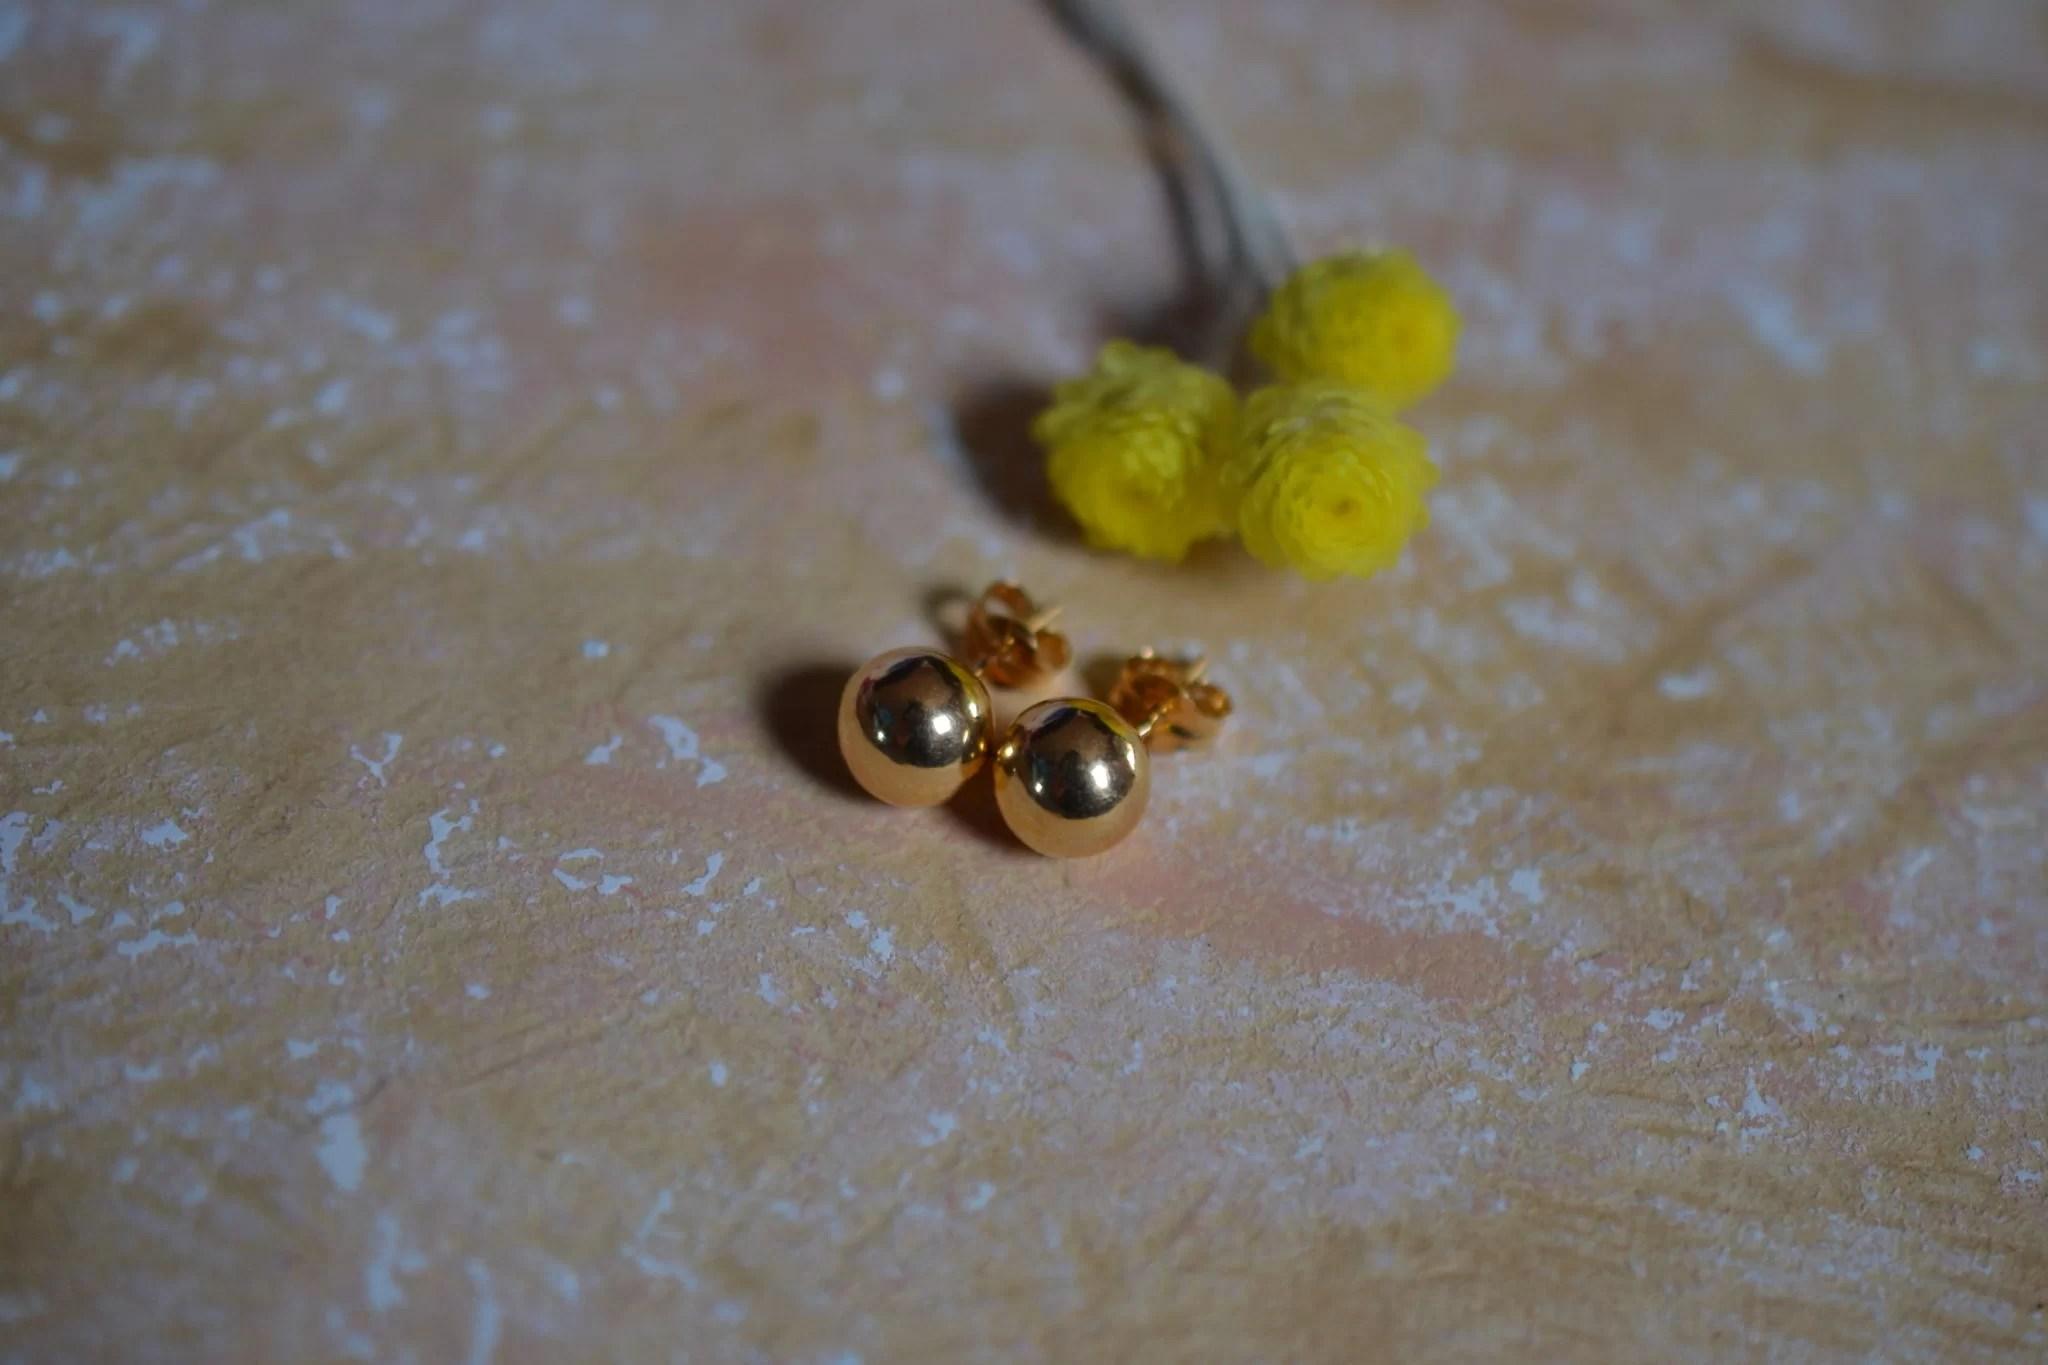 Paire de puces d_oreilles en Or jaune en forme de boules - boucles d_oreilles éthiques